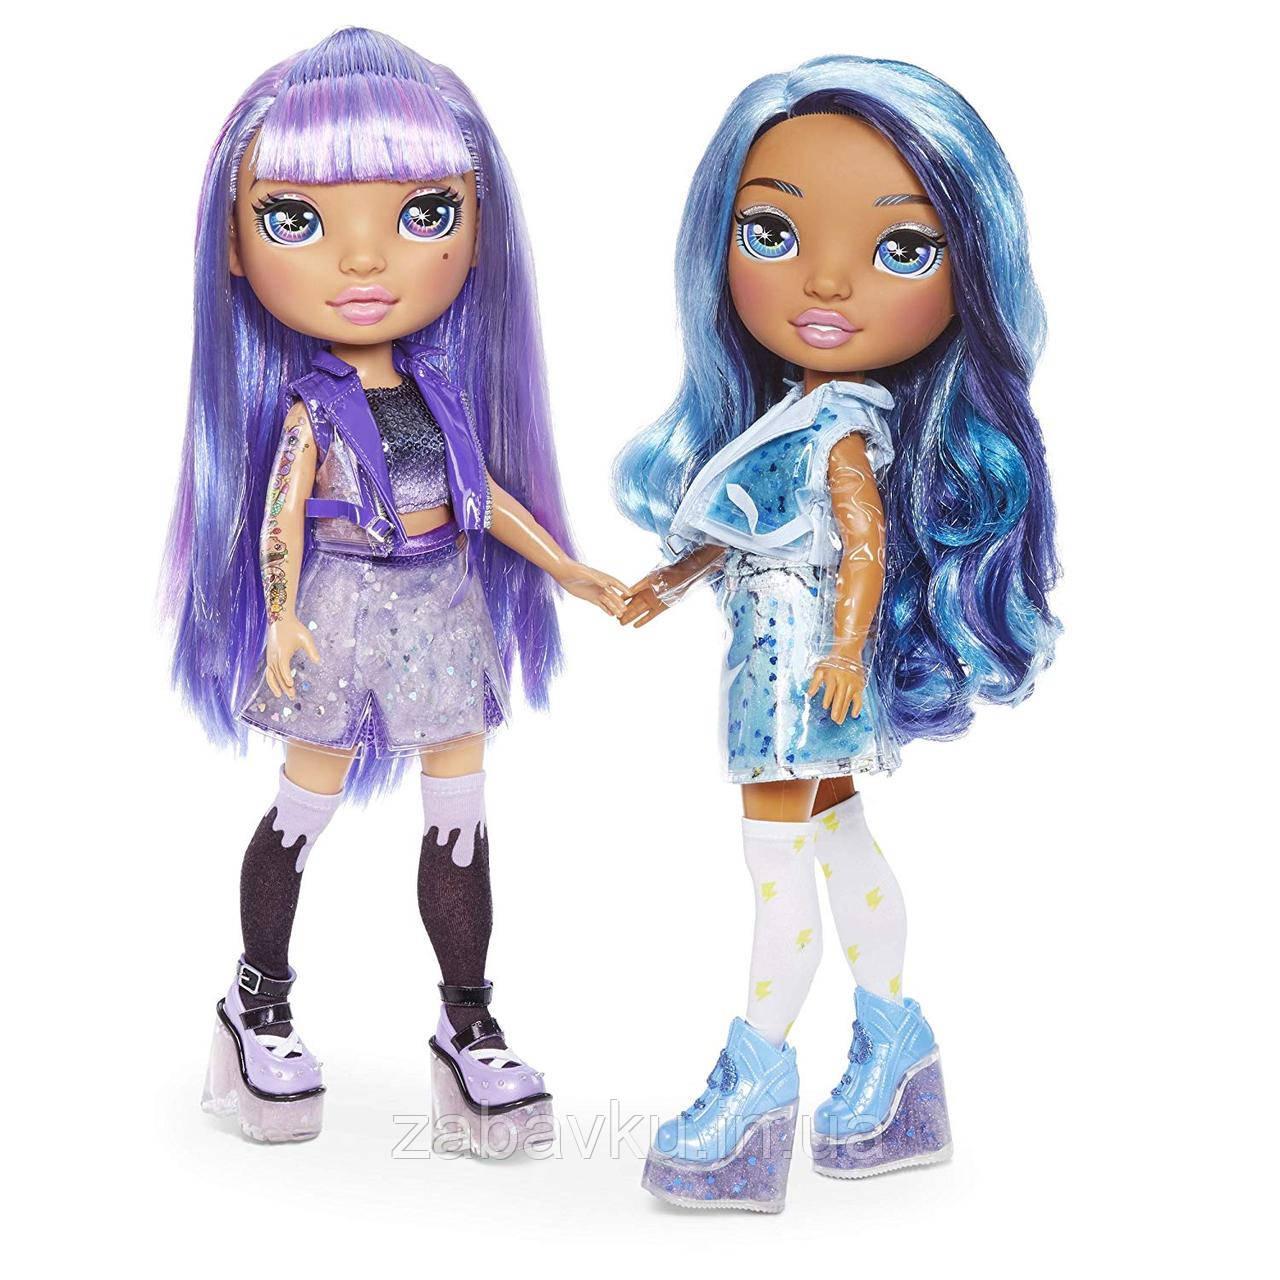 Лялька пупсі Poopsie Rainbow Surprise Dolls Amethyst Rae or Blue Skye